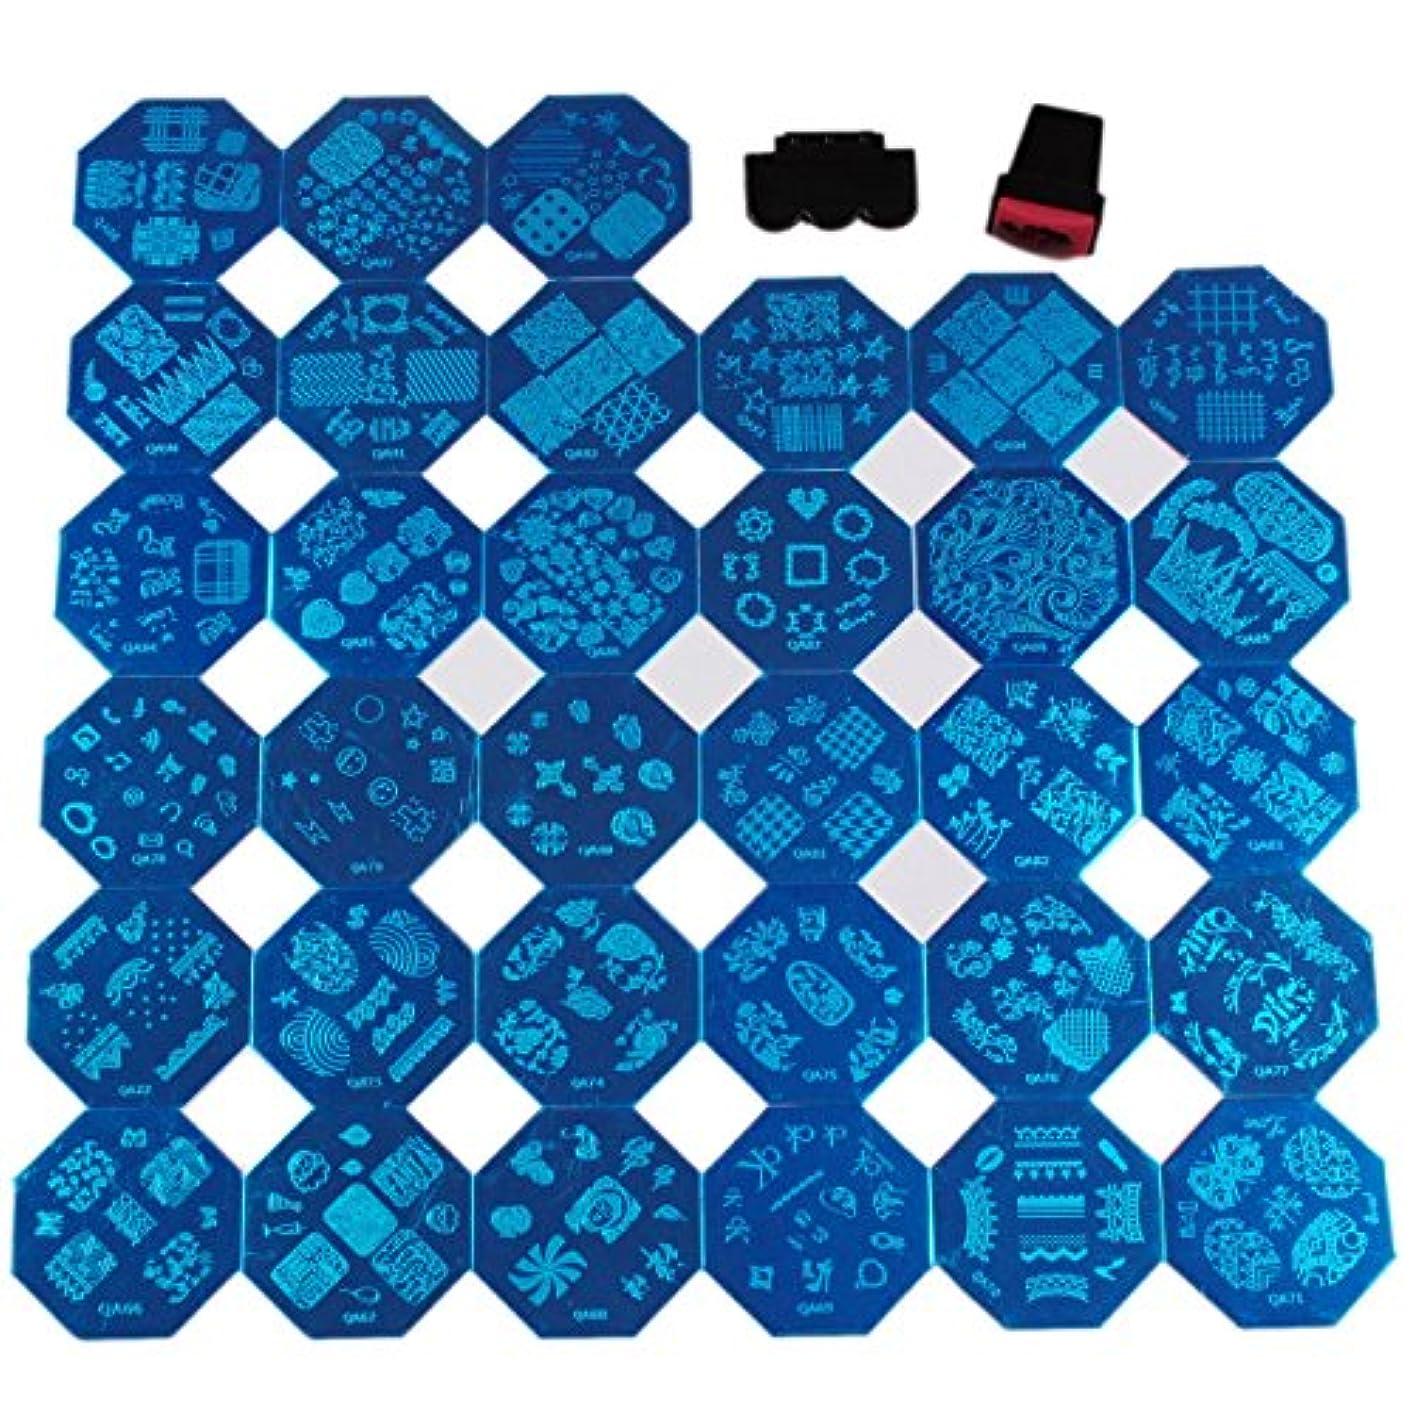 調和最大ジャズFingerAngel ネイルイメージプレートセット 八角形ネイルプレート 33枚 スタンプ スクレーパー付き ネイルサロンも自宅も適用なネイルプレート 初心者に簡単に仕上がるネイルアート